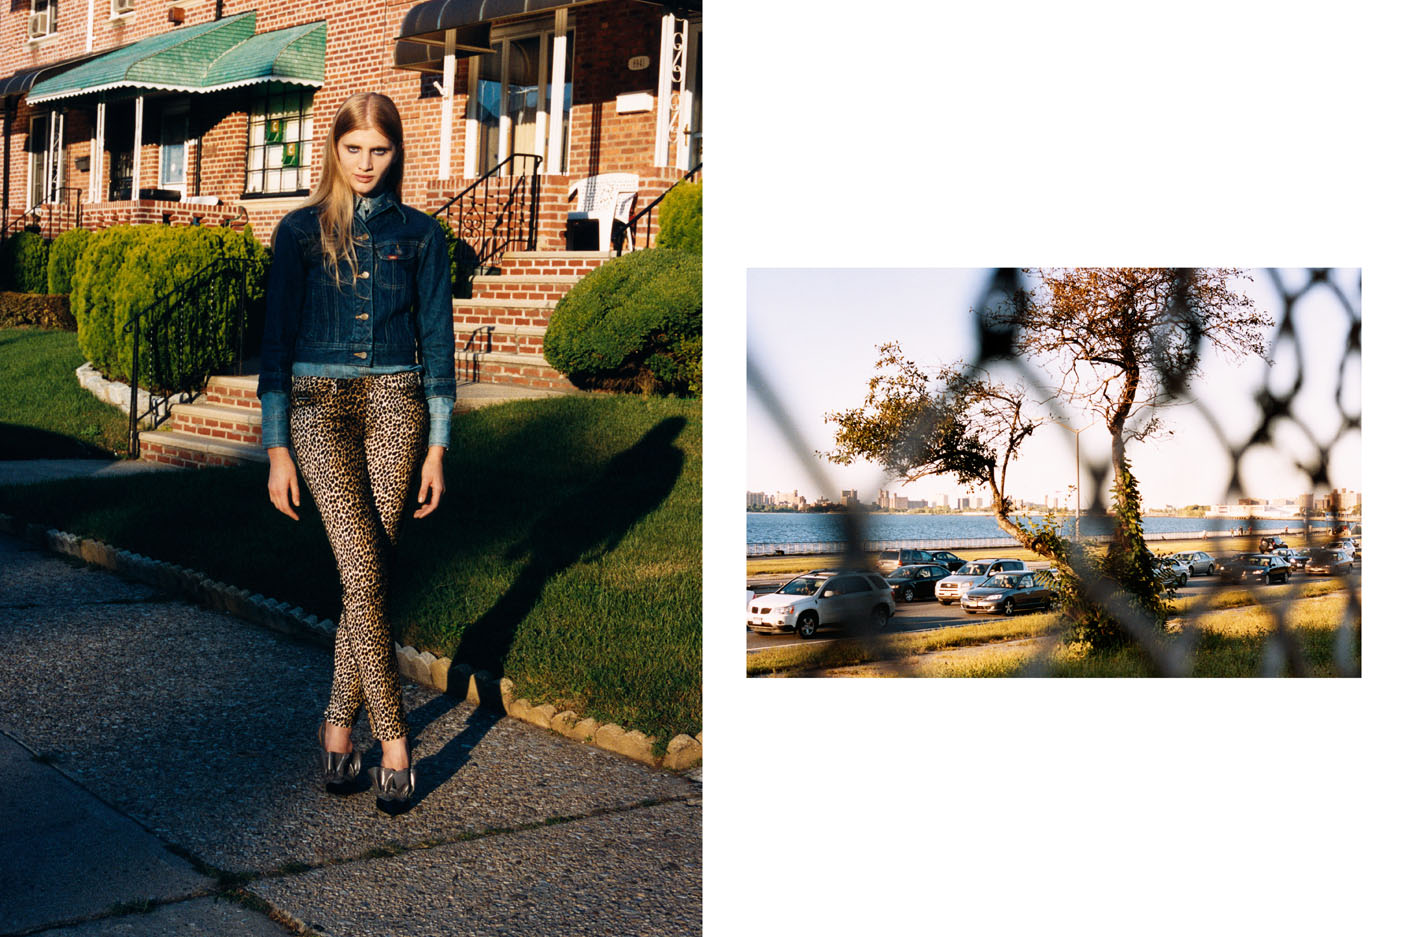 Quest magazine, Detlef Schneider Photography